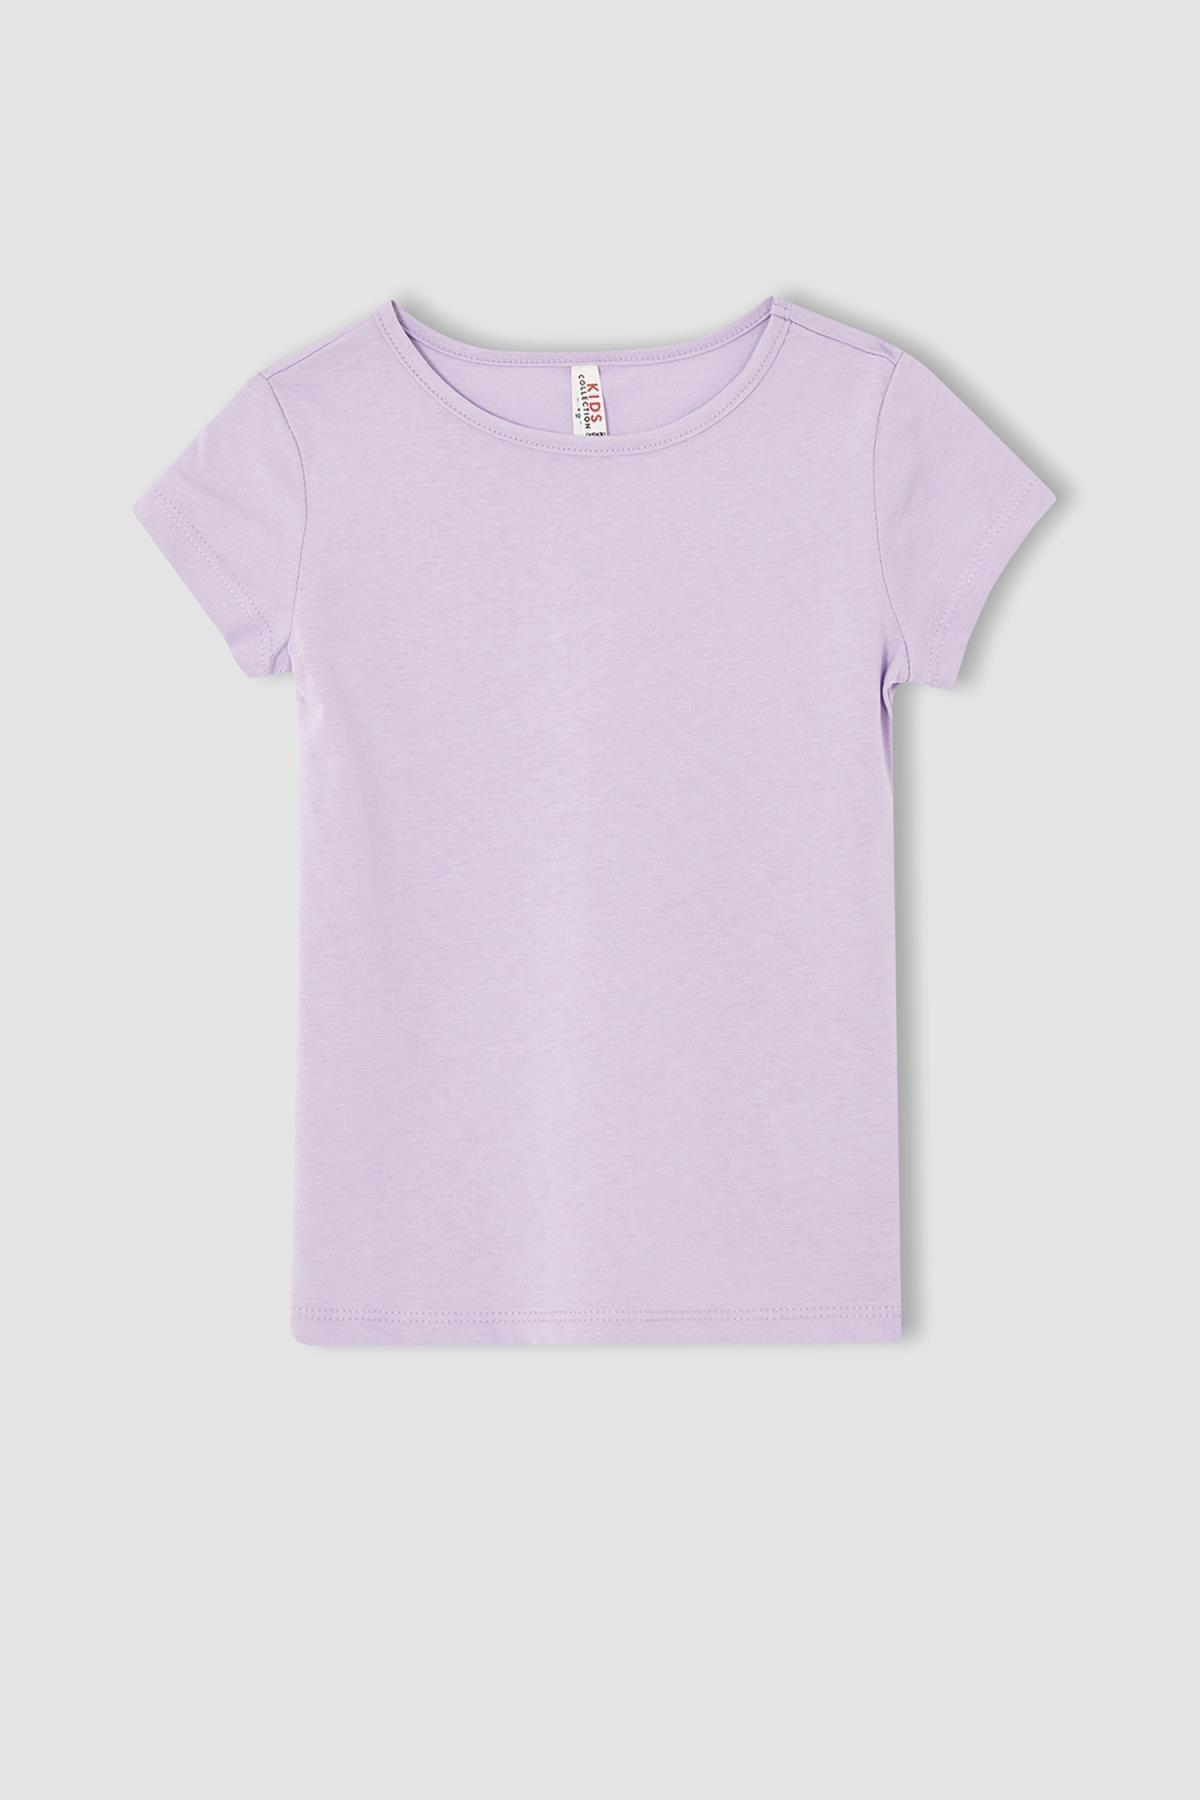 Defacto Kız Çocuk Kısa Kol Basic Tişört 0